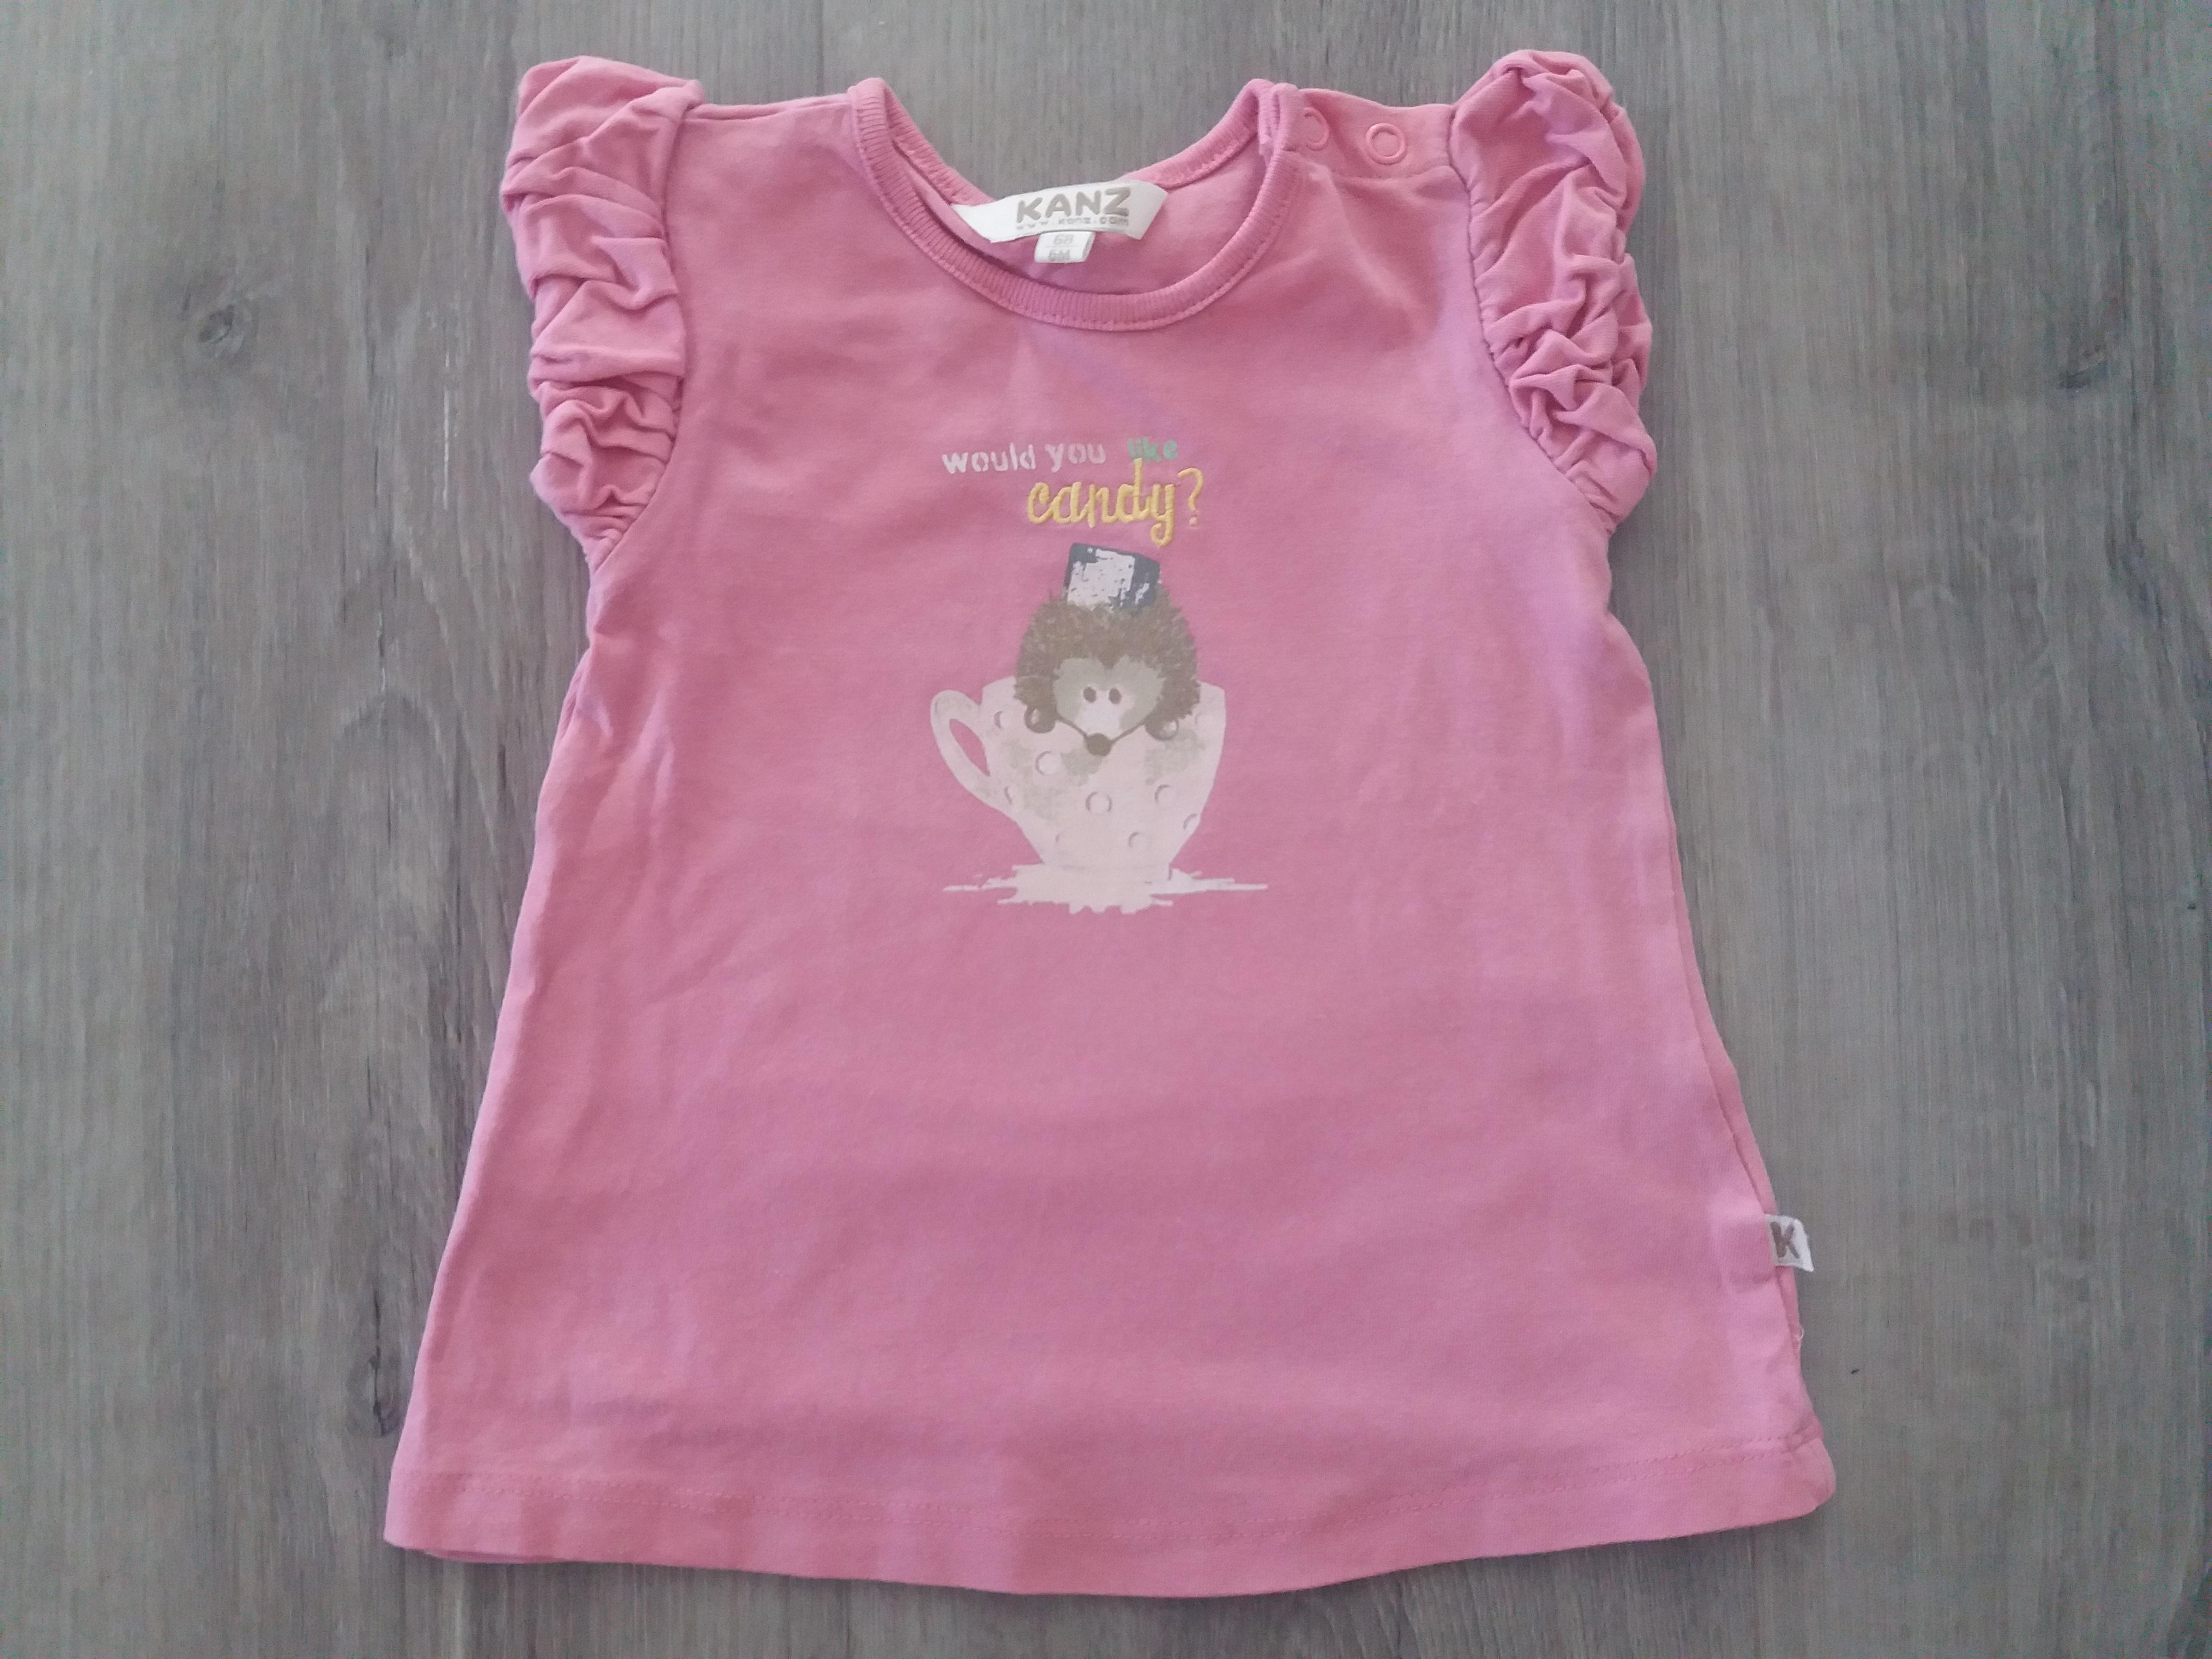 T-Shirt Gr. 68 Kanz